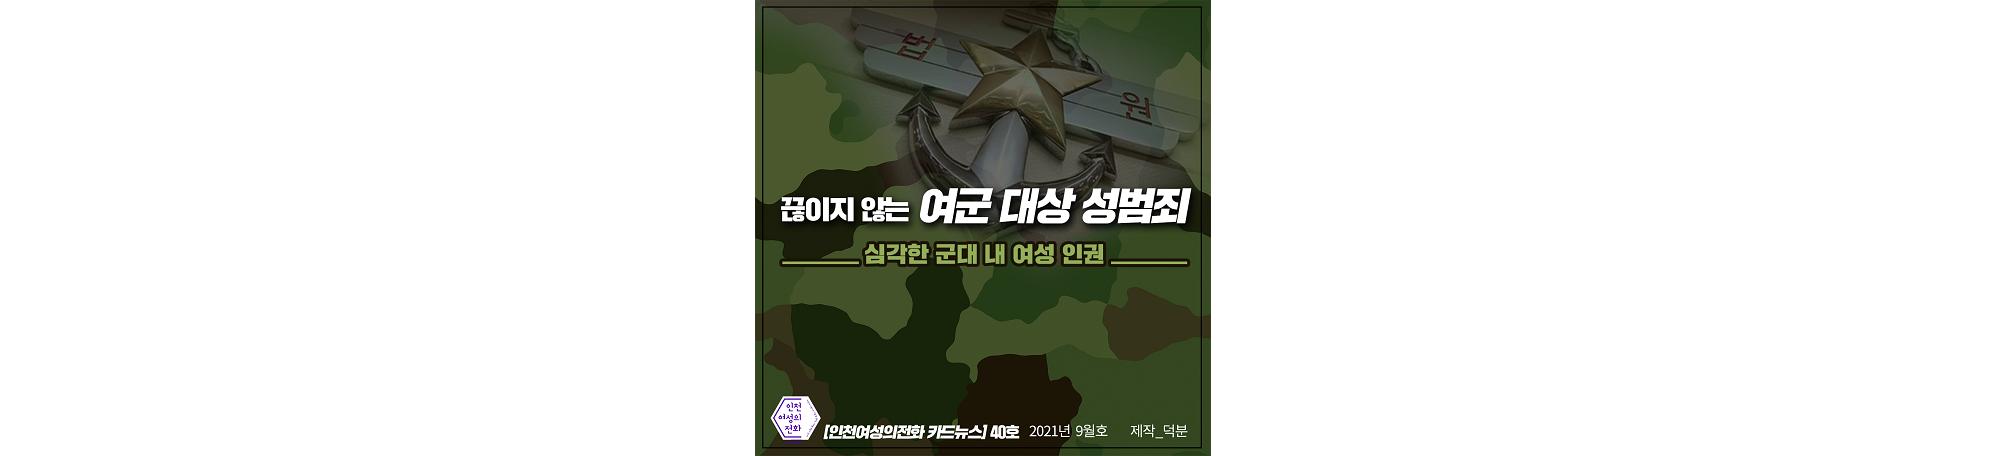 [카드뉴스제40호]끊이지 않는 여군대상 성범죄